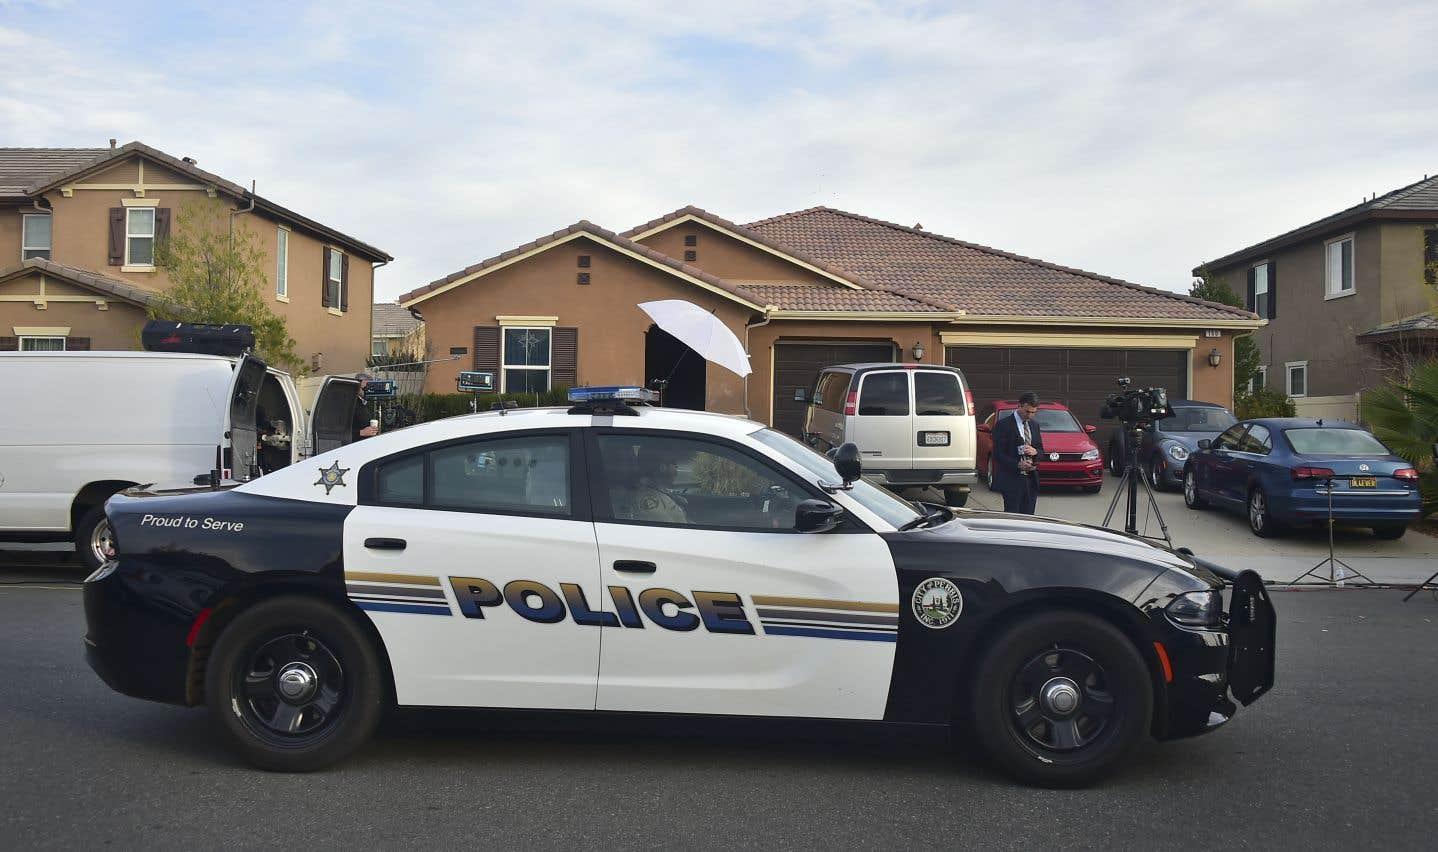 Les policiers ont secouru dimanche 13 frères et sœurs séquestrés par leurs parents dans cette demeure de Perris, en Californie.